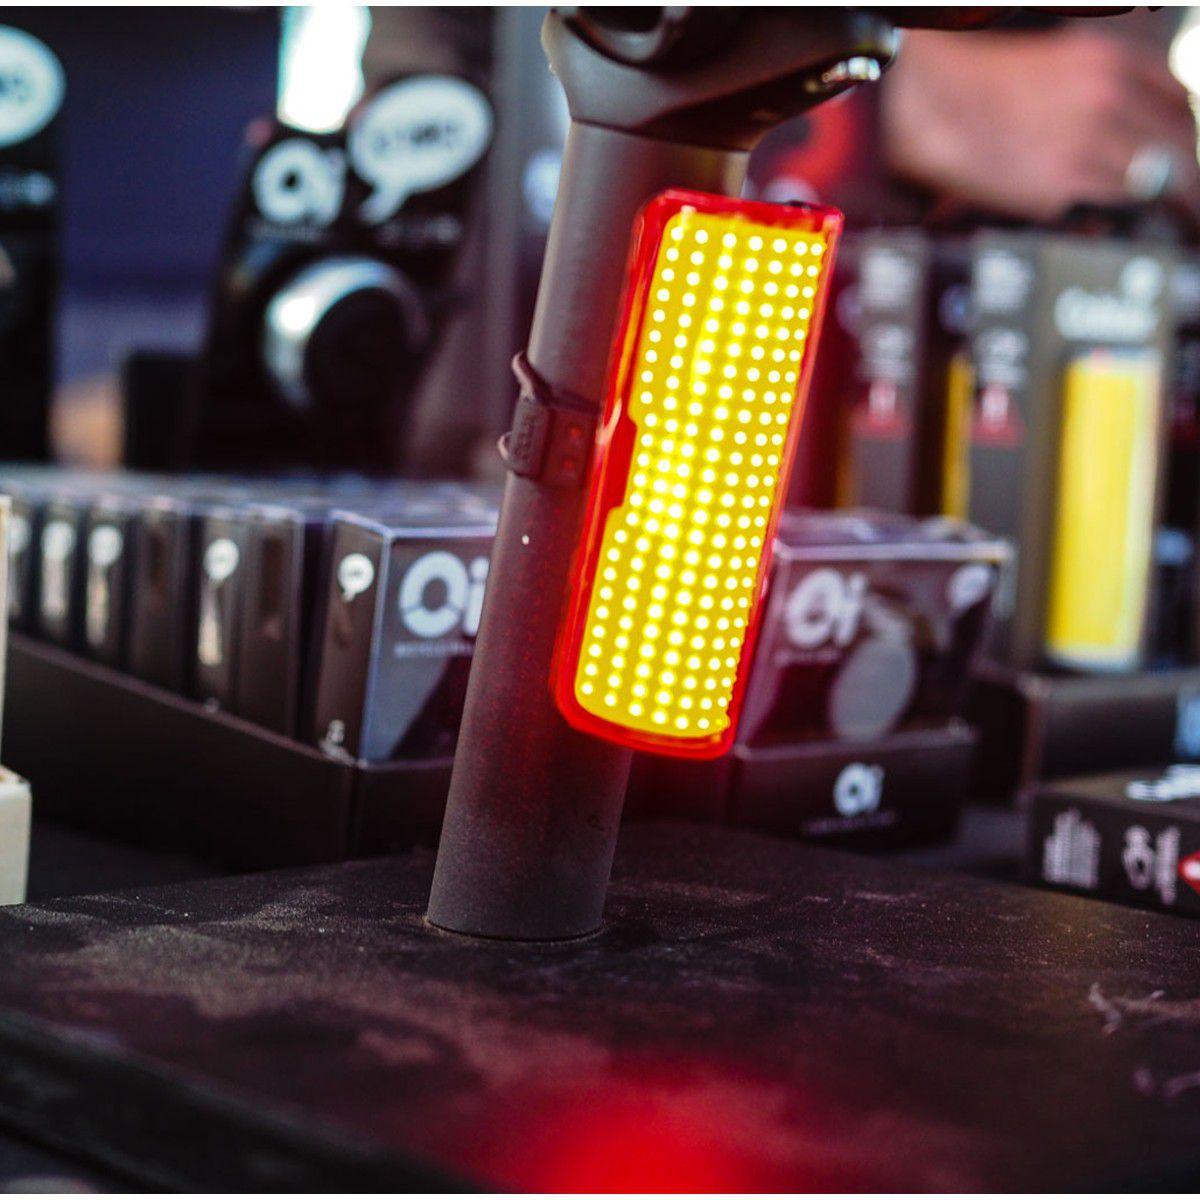 LANTERNA TRASEIRA KNOG COBBER GRANDE 330 GRAUS 270 LUMENS CARREGA VIA USB